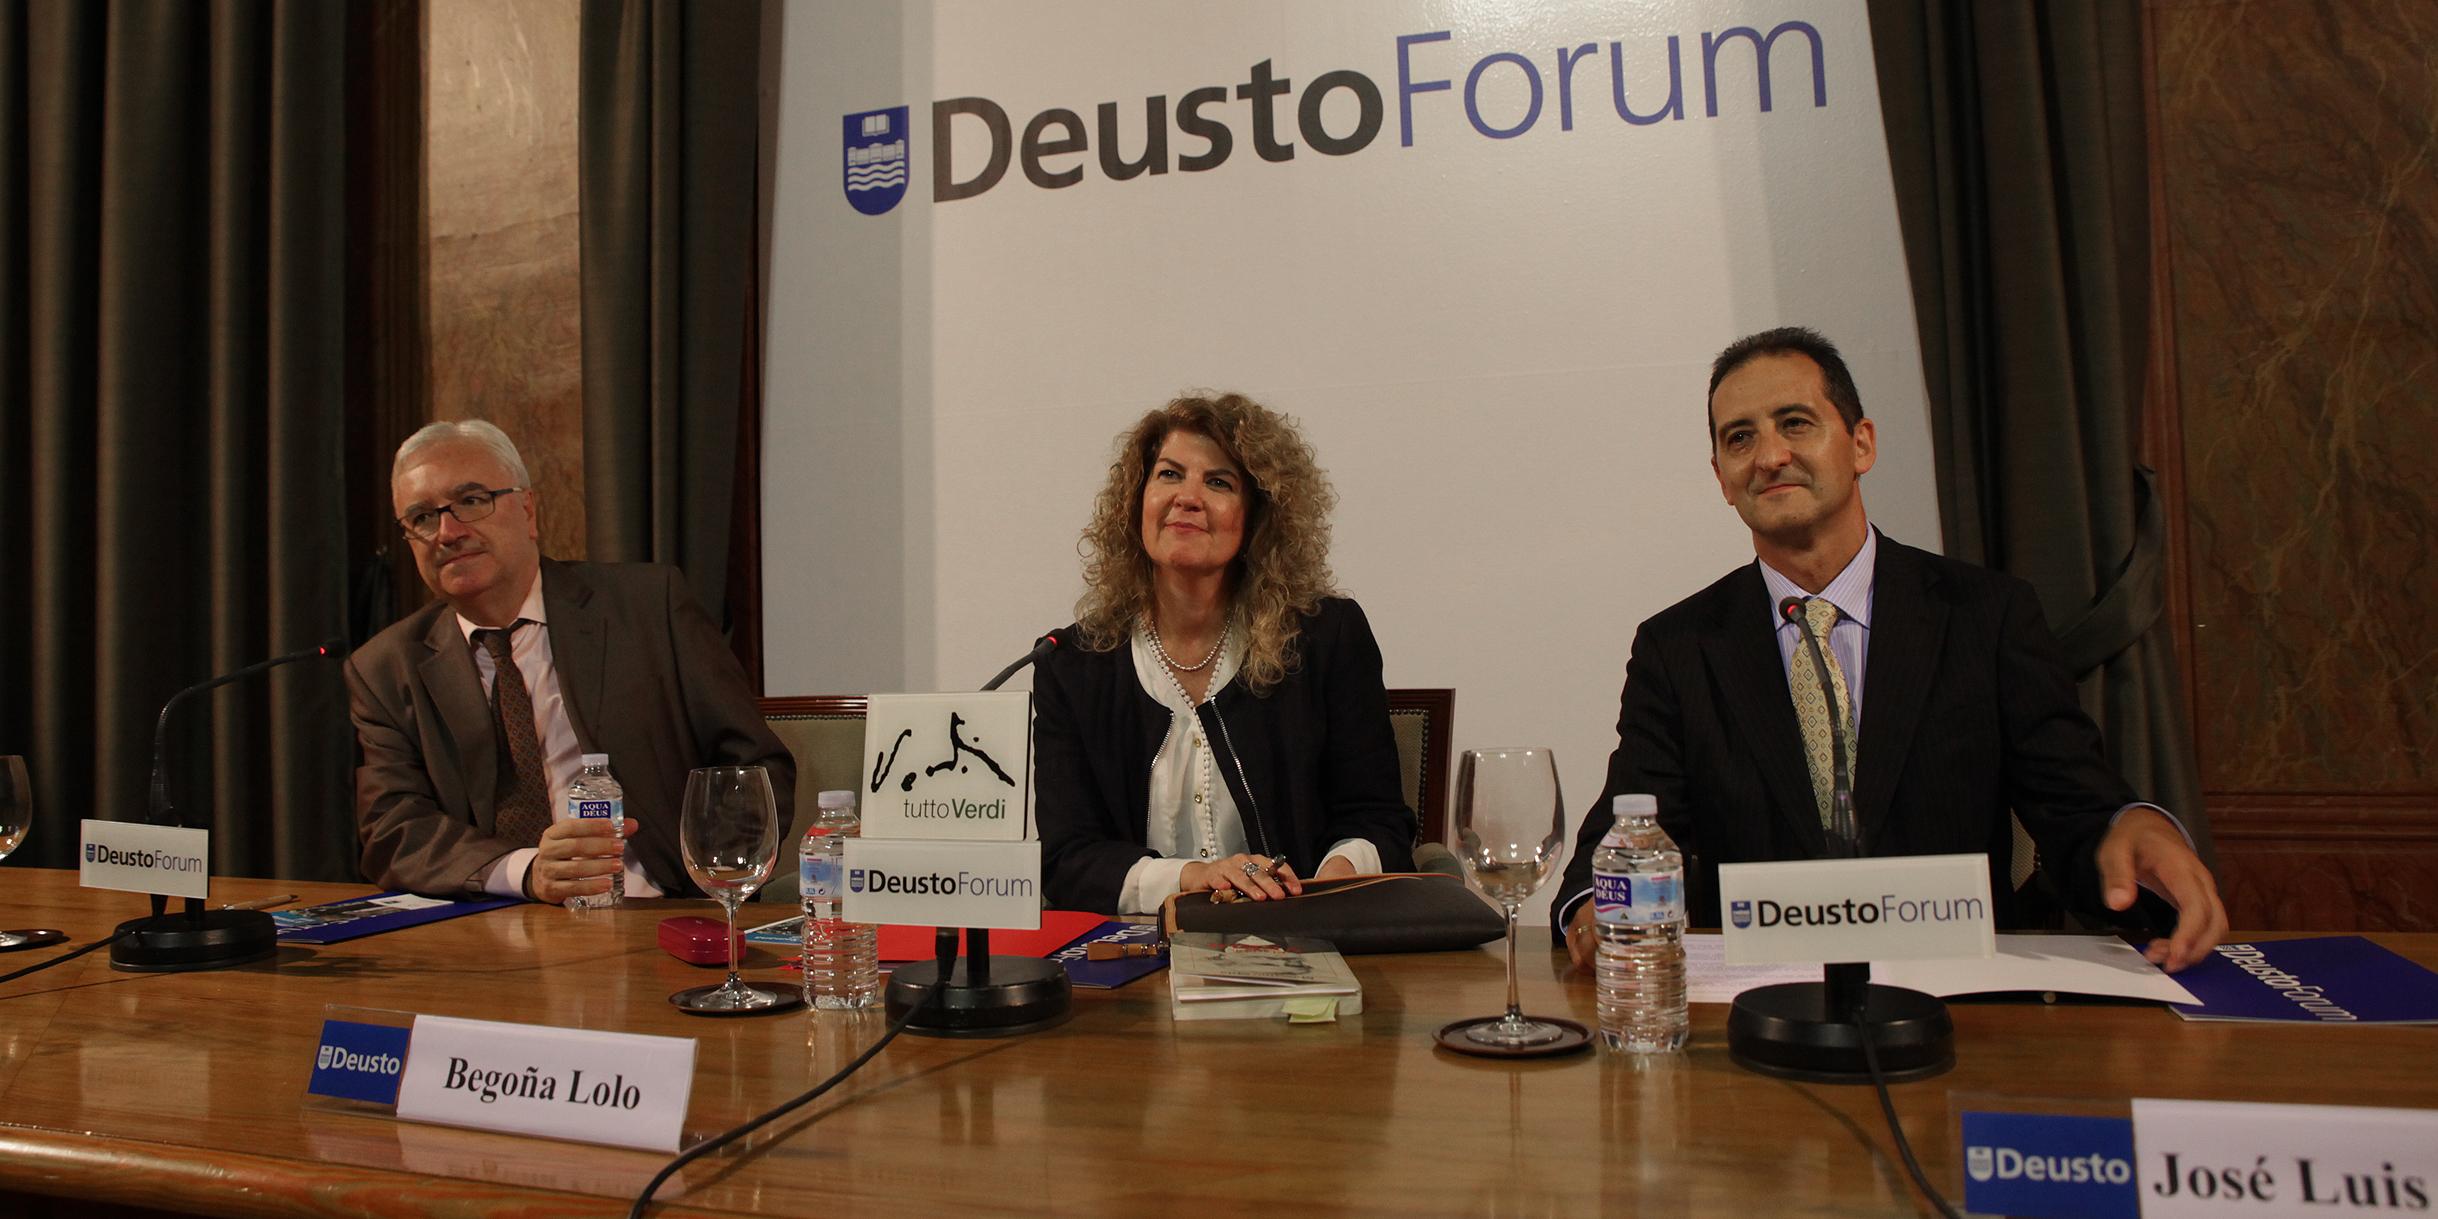 DeustoForum.01.10.2014_99_42